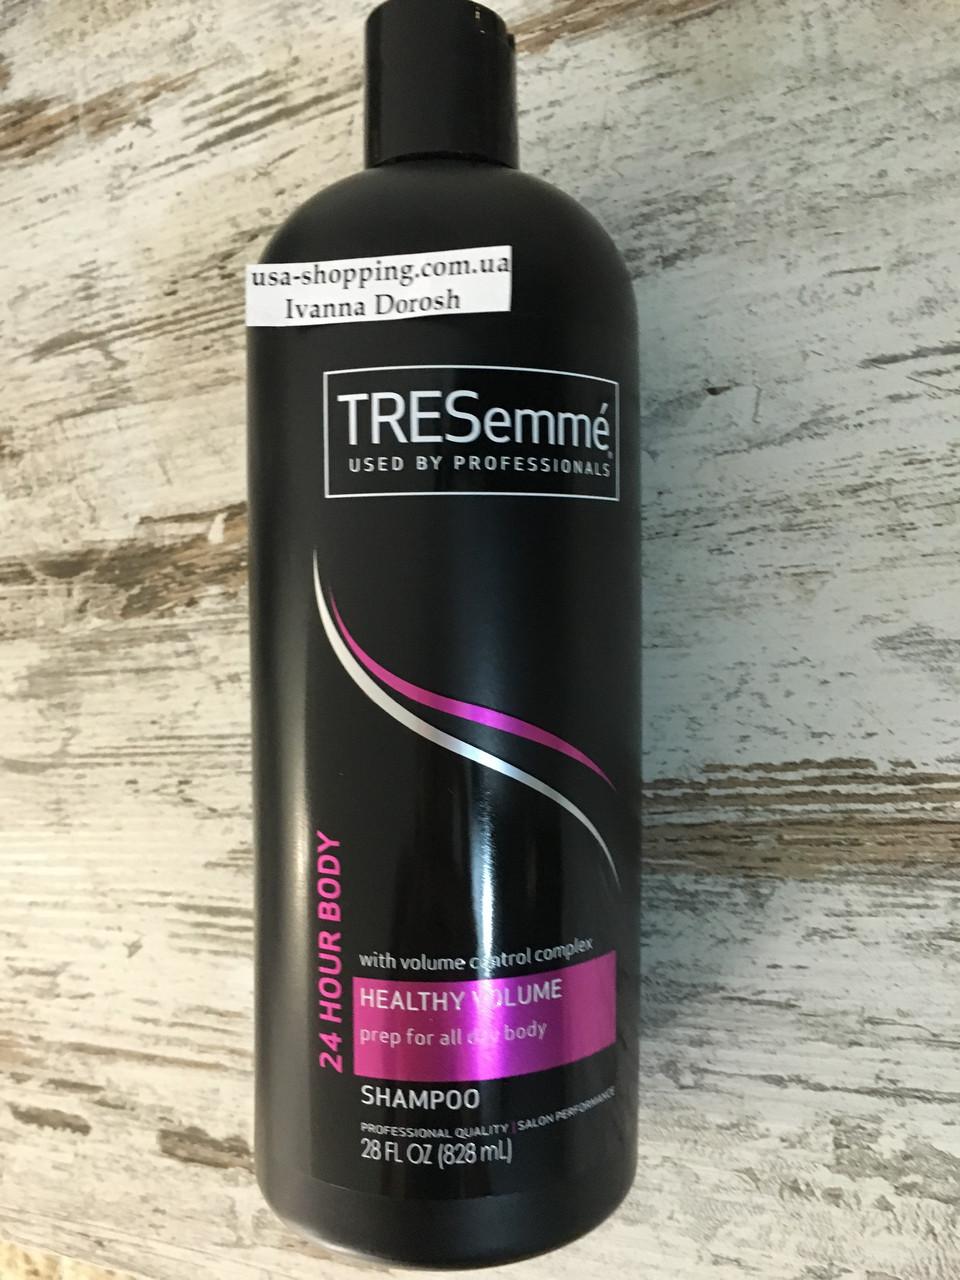 TRESemme Healthy Volume шампунь  для здорового обьема волос